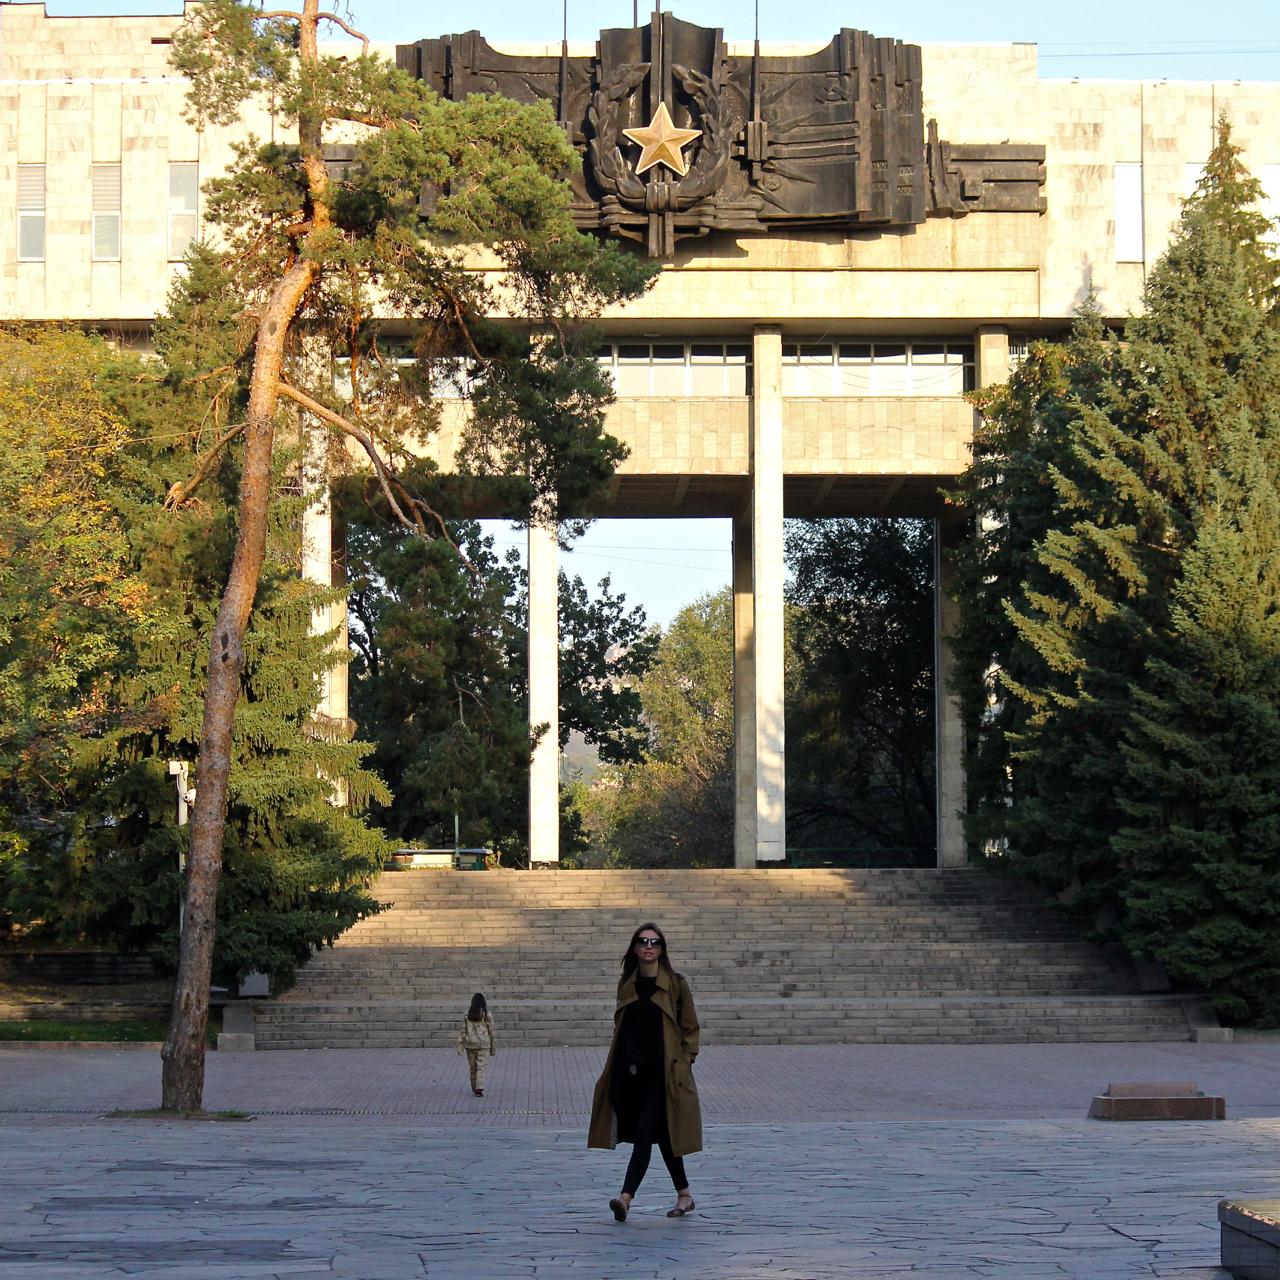 Almaty, Kazakhstan - 10